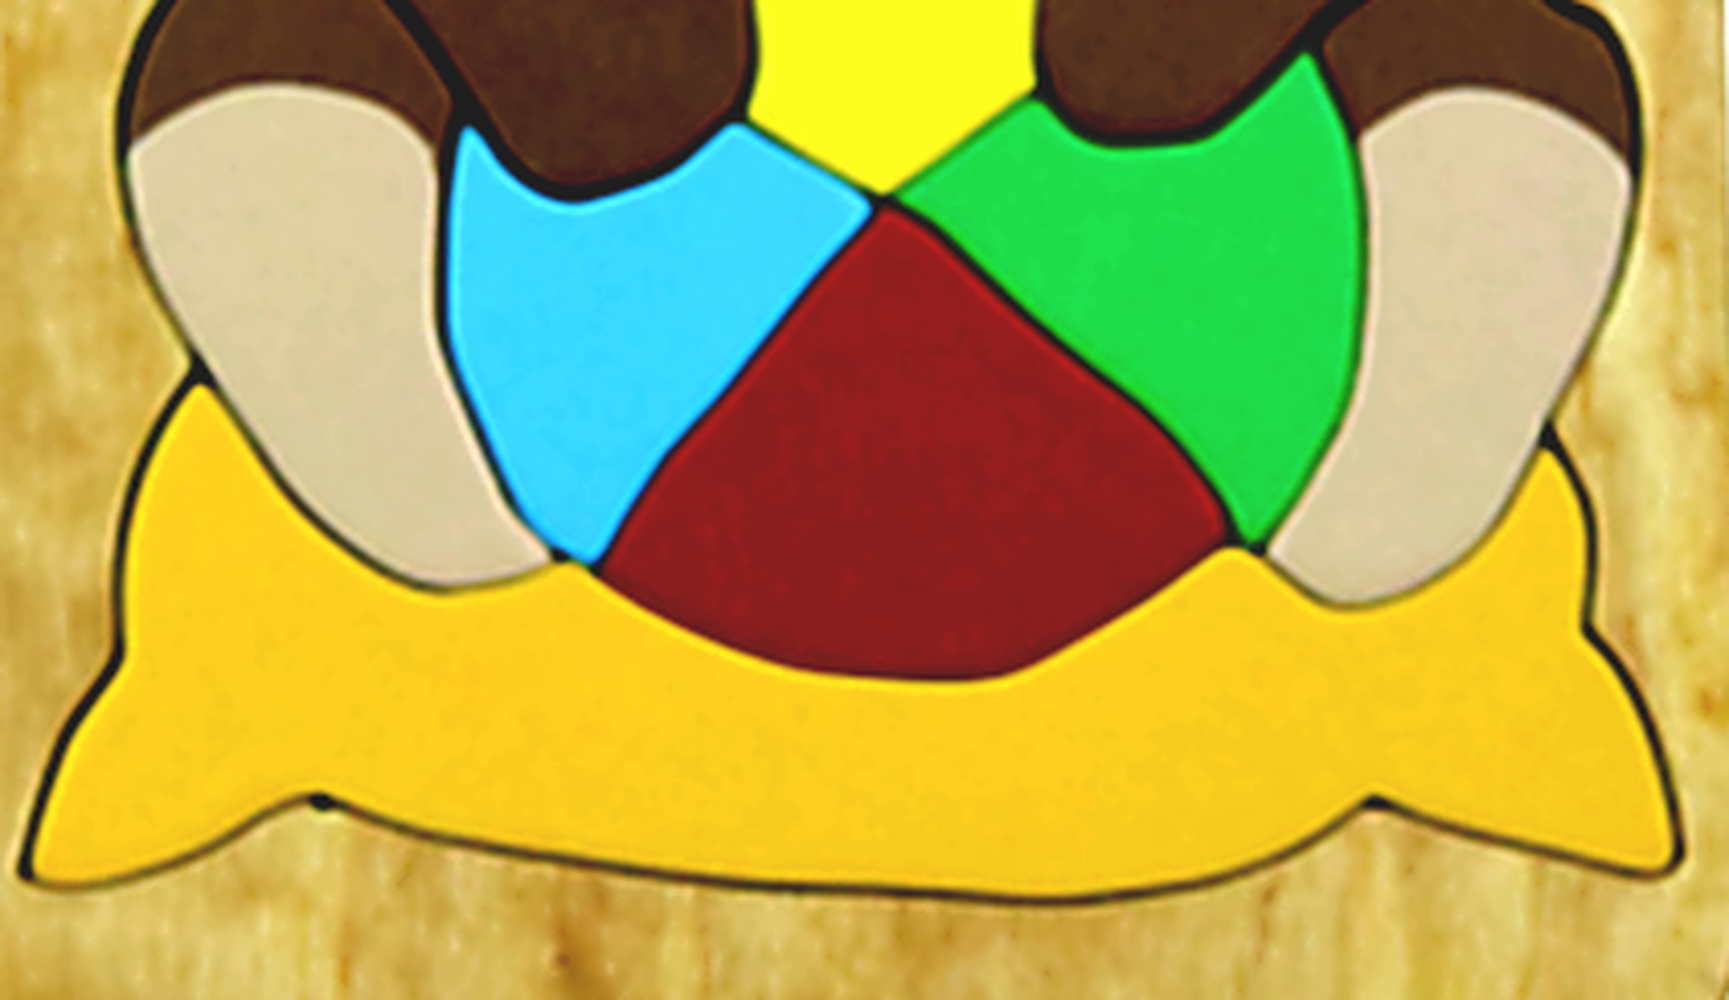 Holzpuzzle brauner Bär